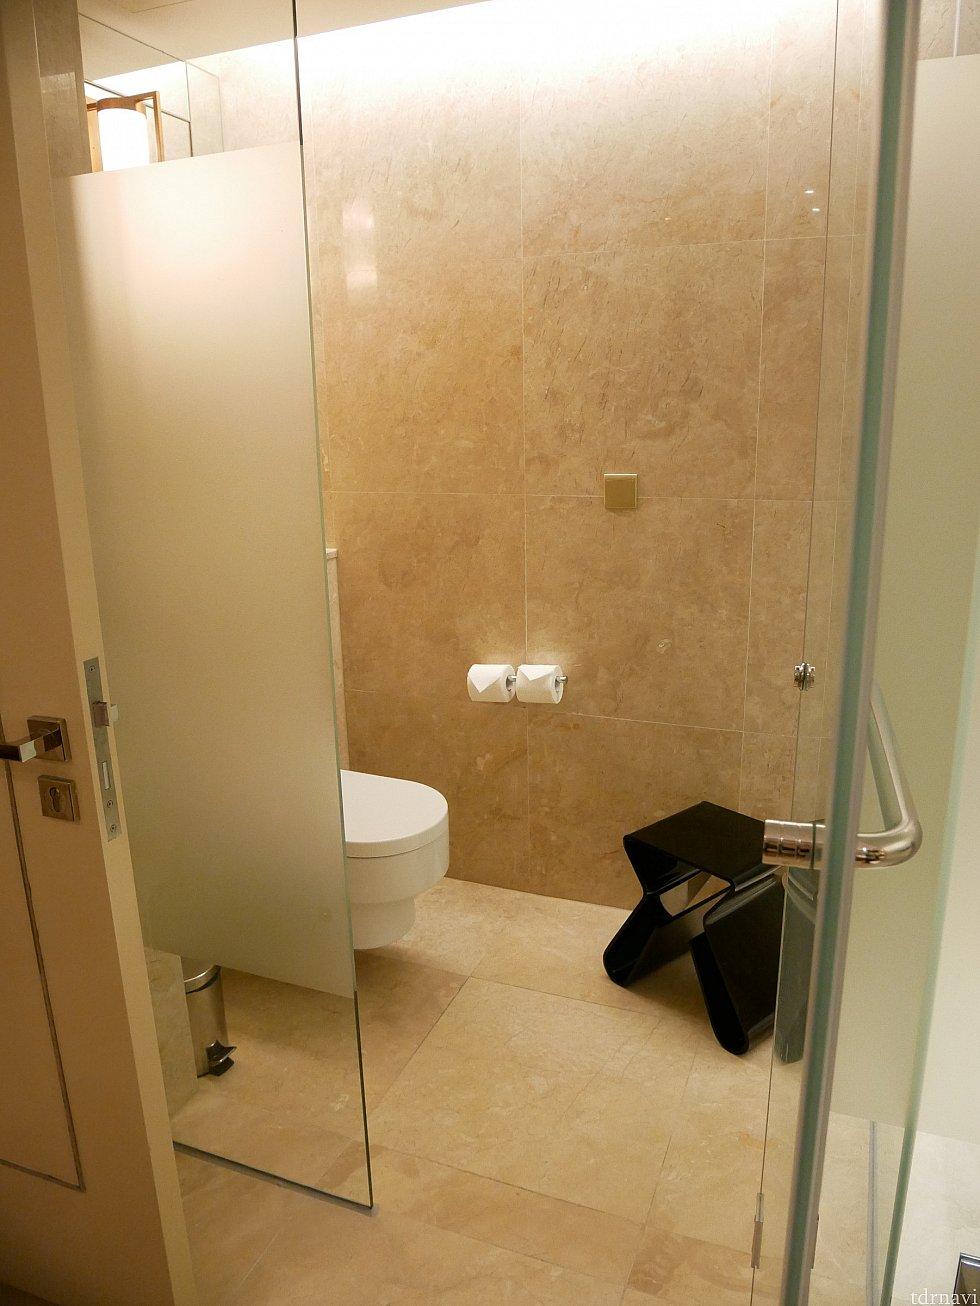 トイレも洗面所エリアにあります。洗面所には椅子があるのですが、トイレの中にもイスが!何用ですかね💦💦